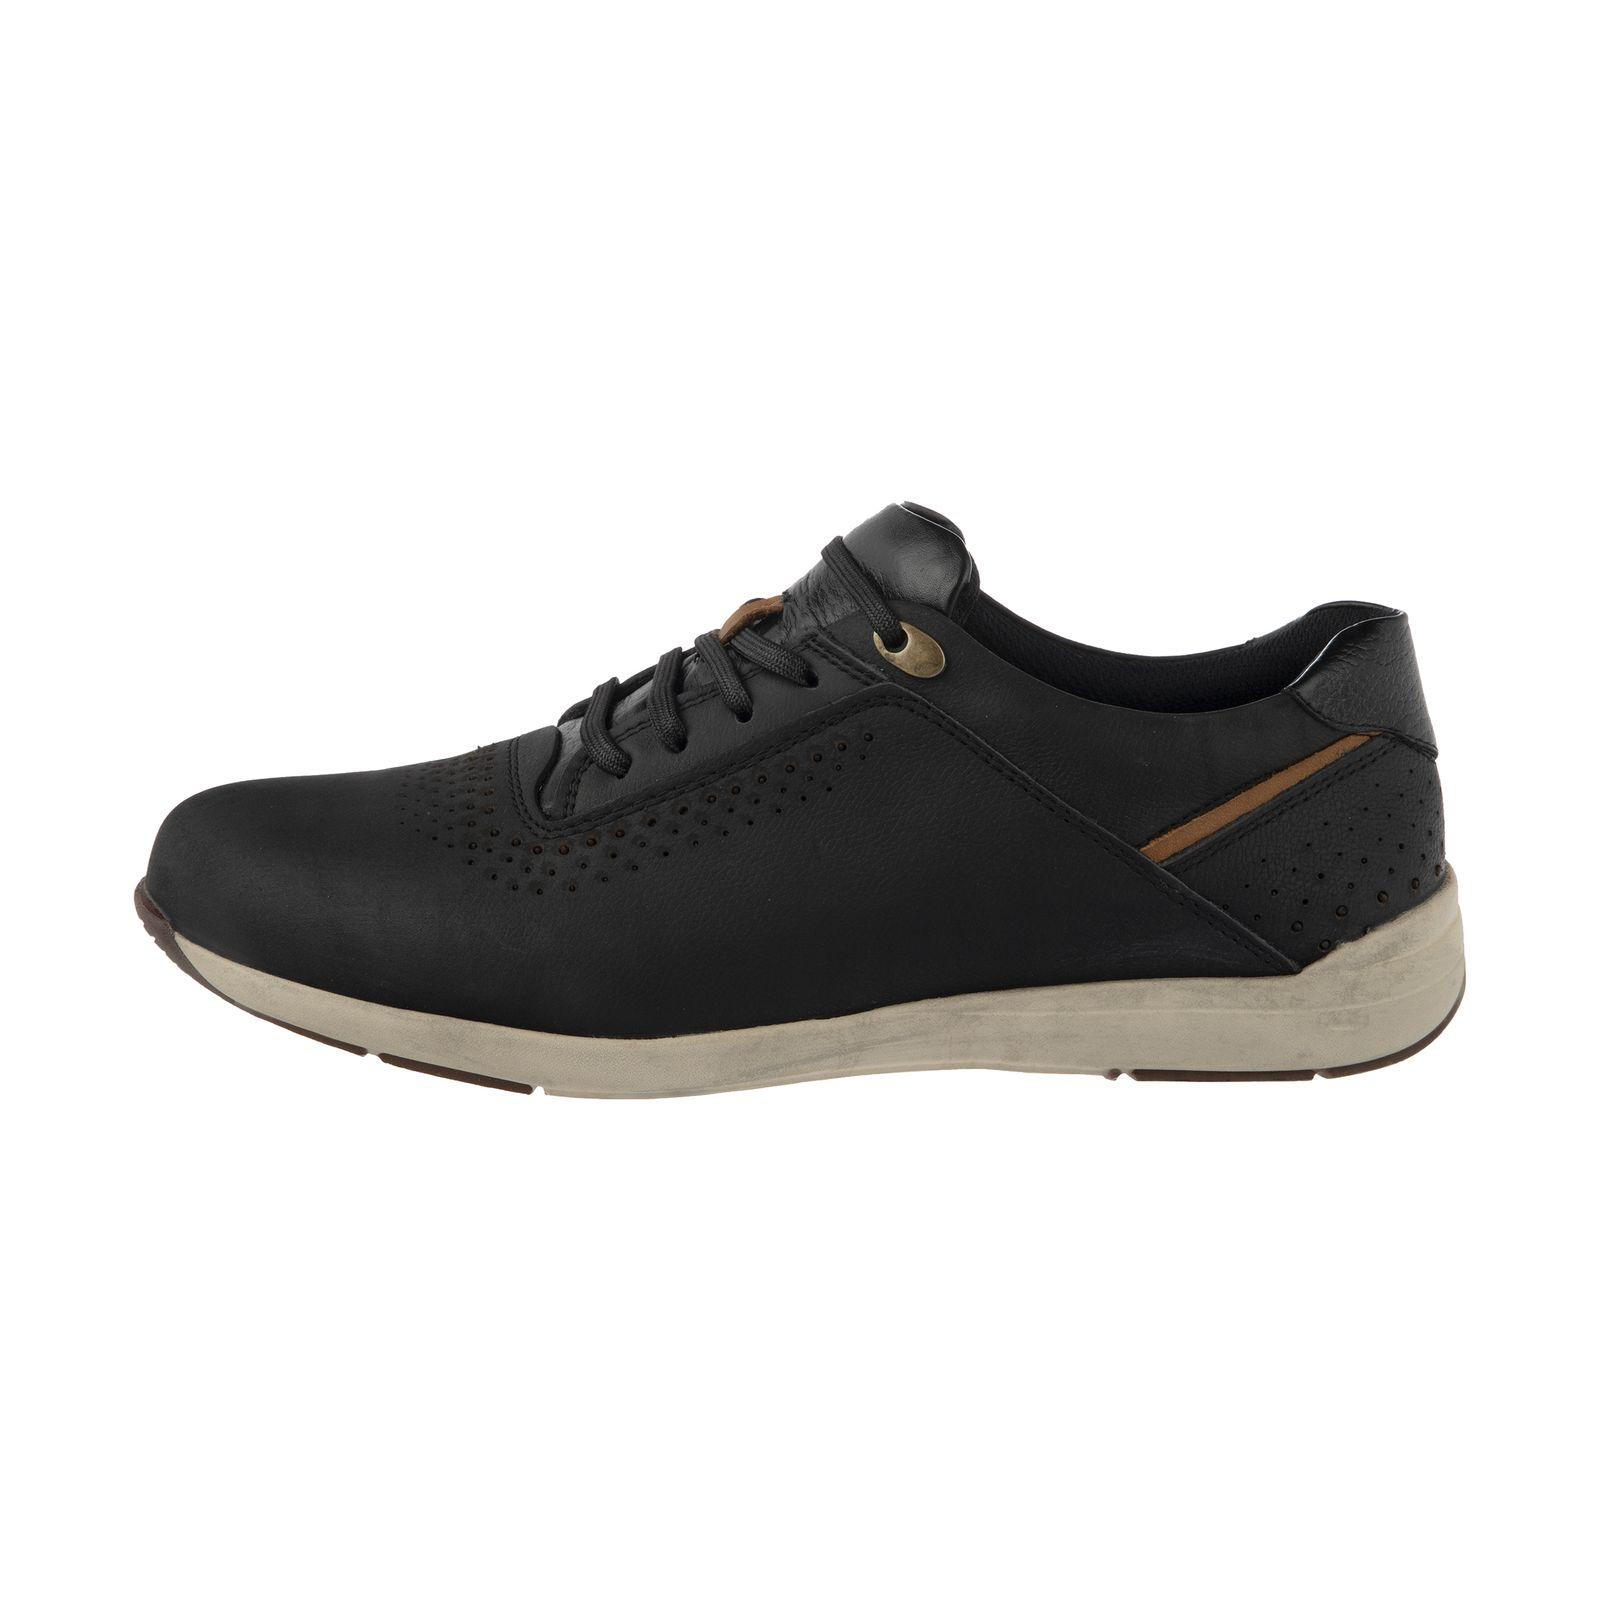 کفش روزمره مردانه سوته مدل 5037A503101 -  - 2